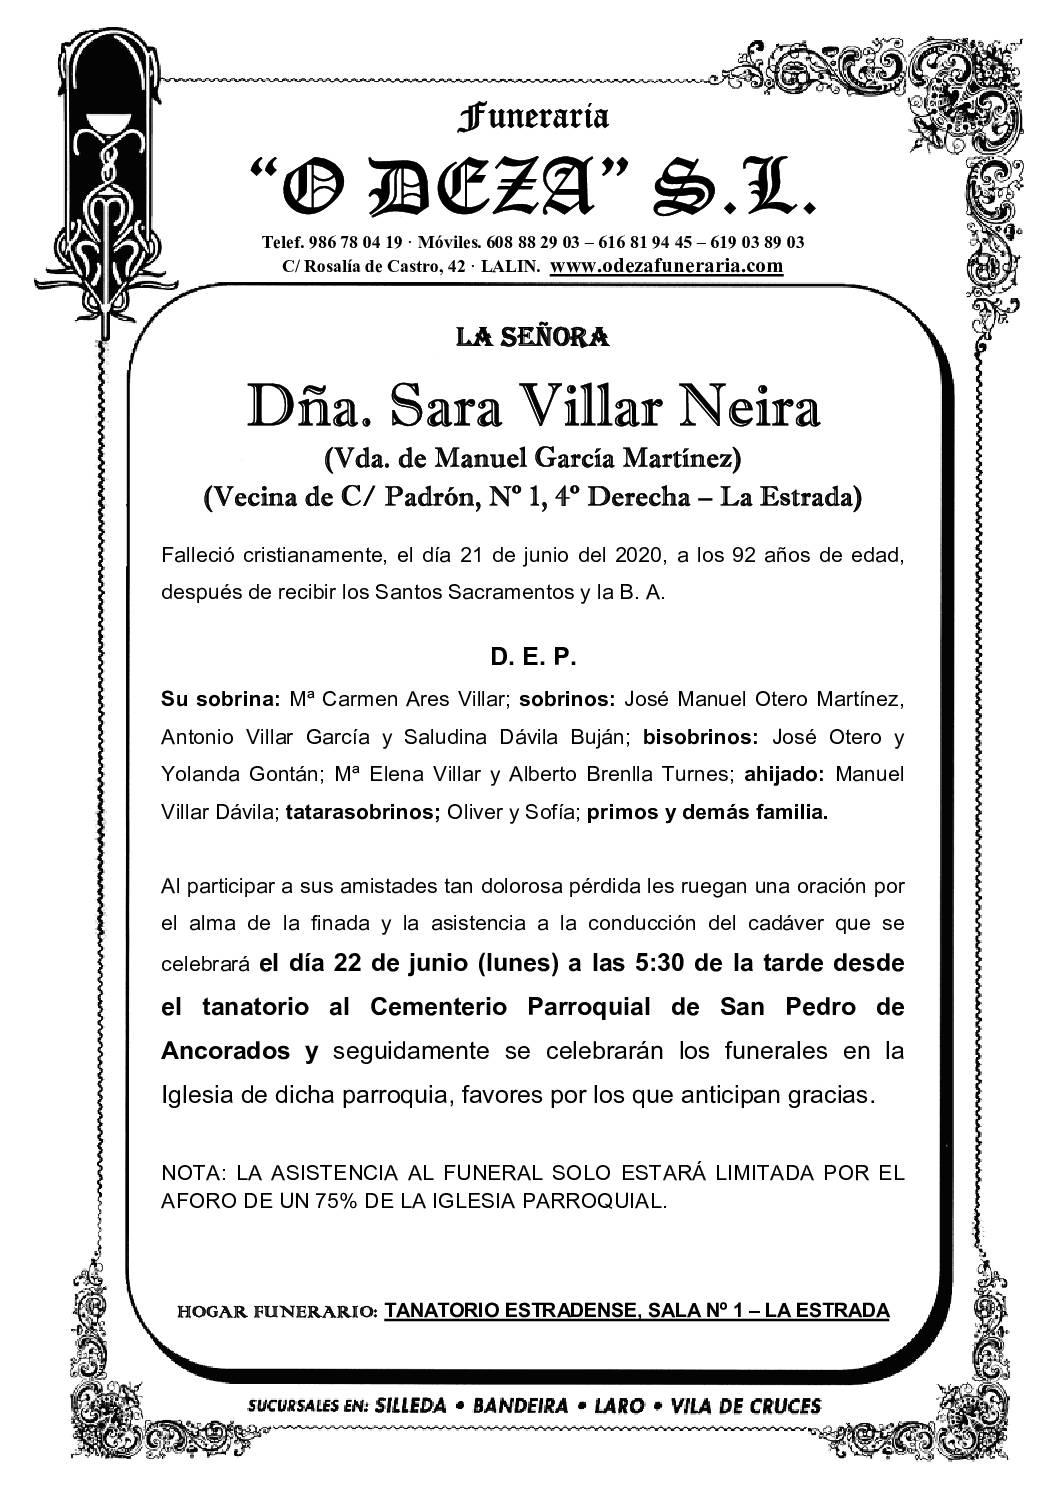 DÑA. SARA VILLAR NEIRA